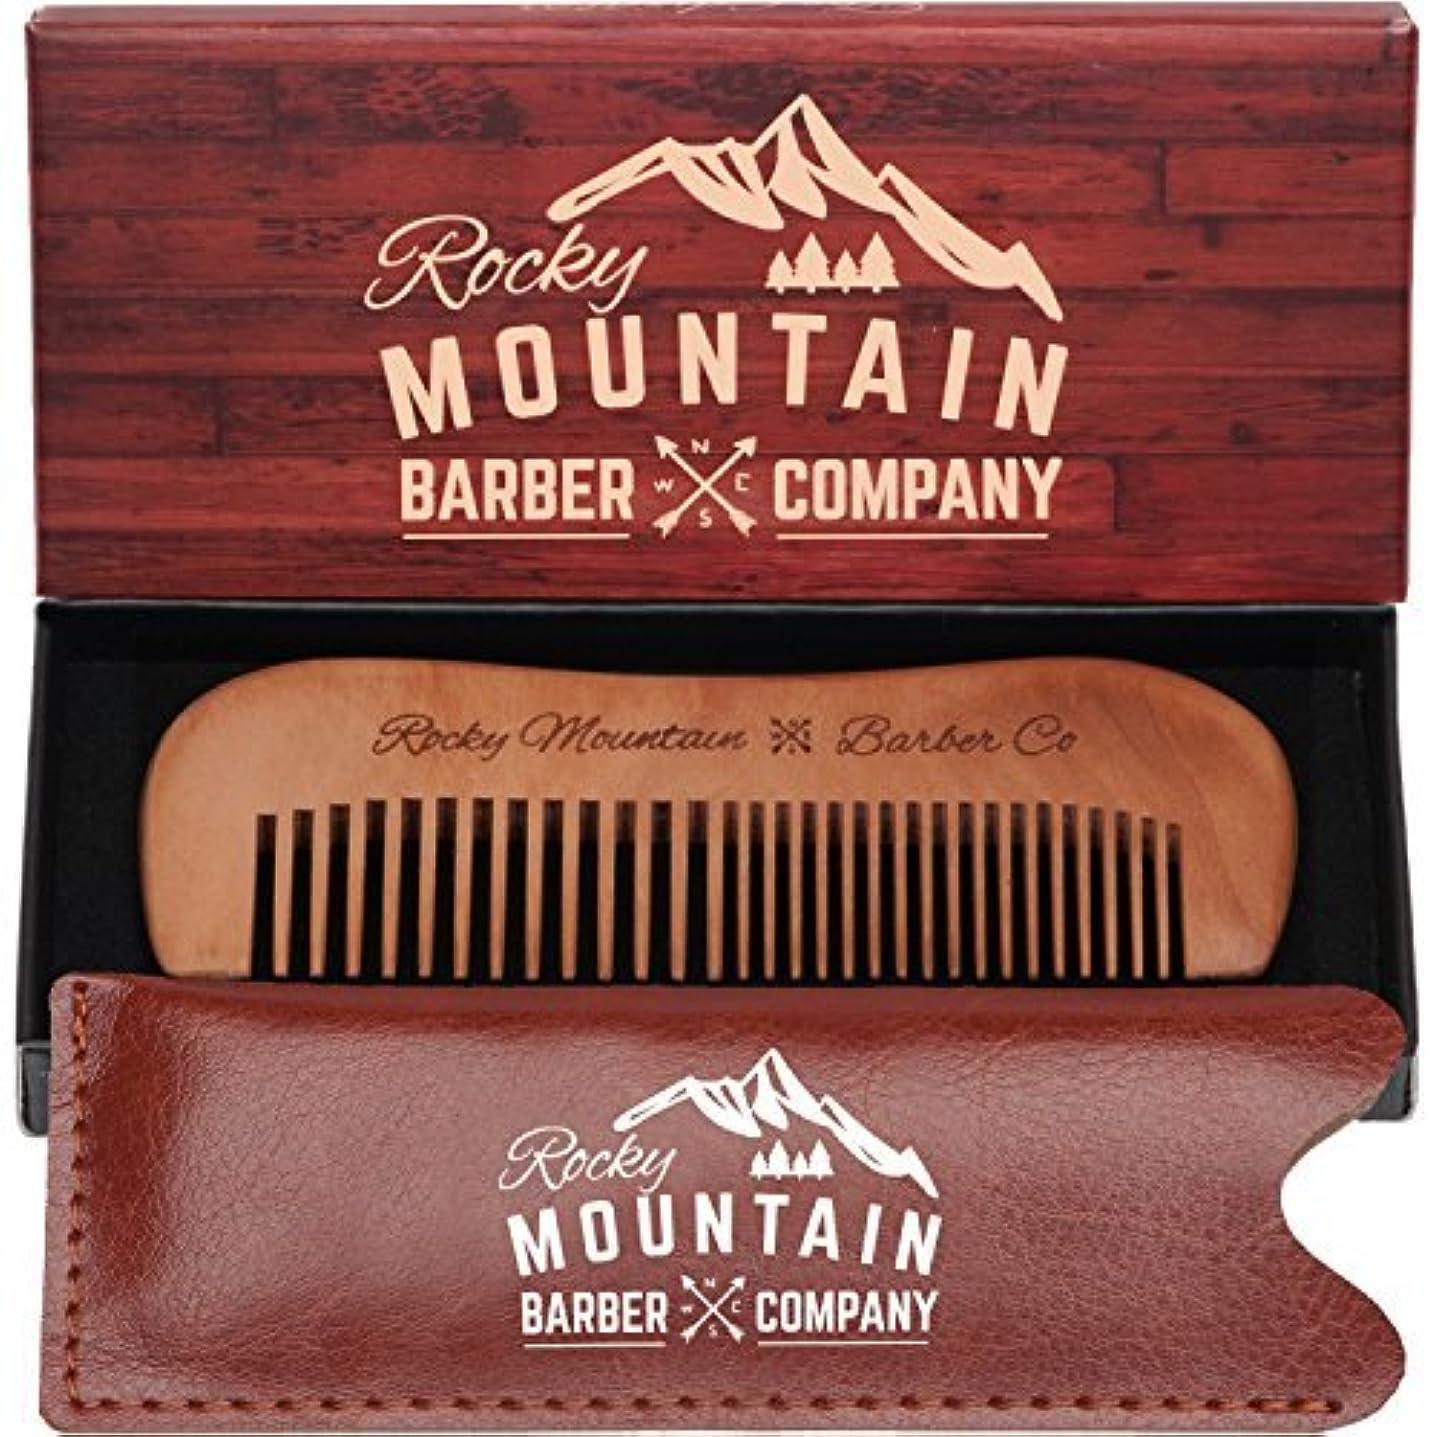 免疫本質的に酸度Travel Hair Comb - Travel Size Comb with Fine and Medium Tooth for Mustache, Beard and Hair With Pocket Carrying...